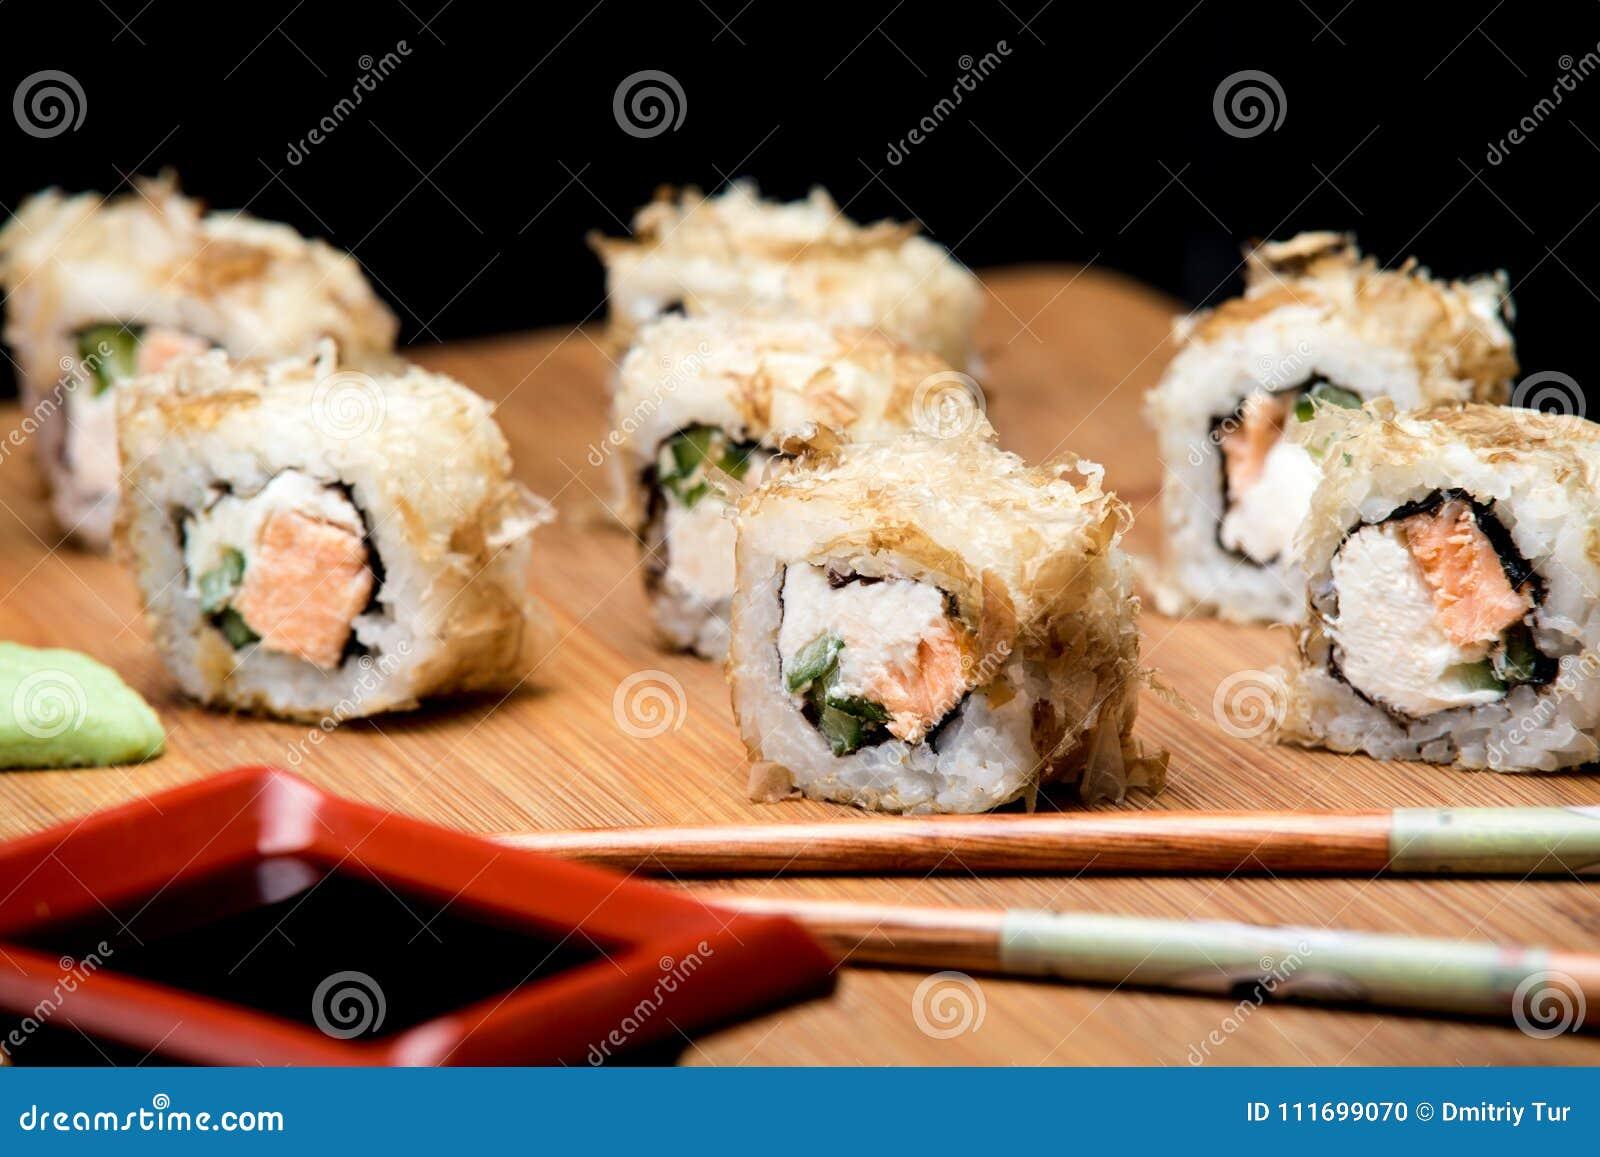 Comida Japonesa Sushi Del Bonito Con Los Salmones Fritos